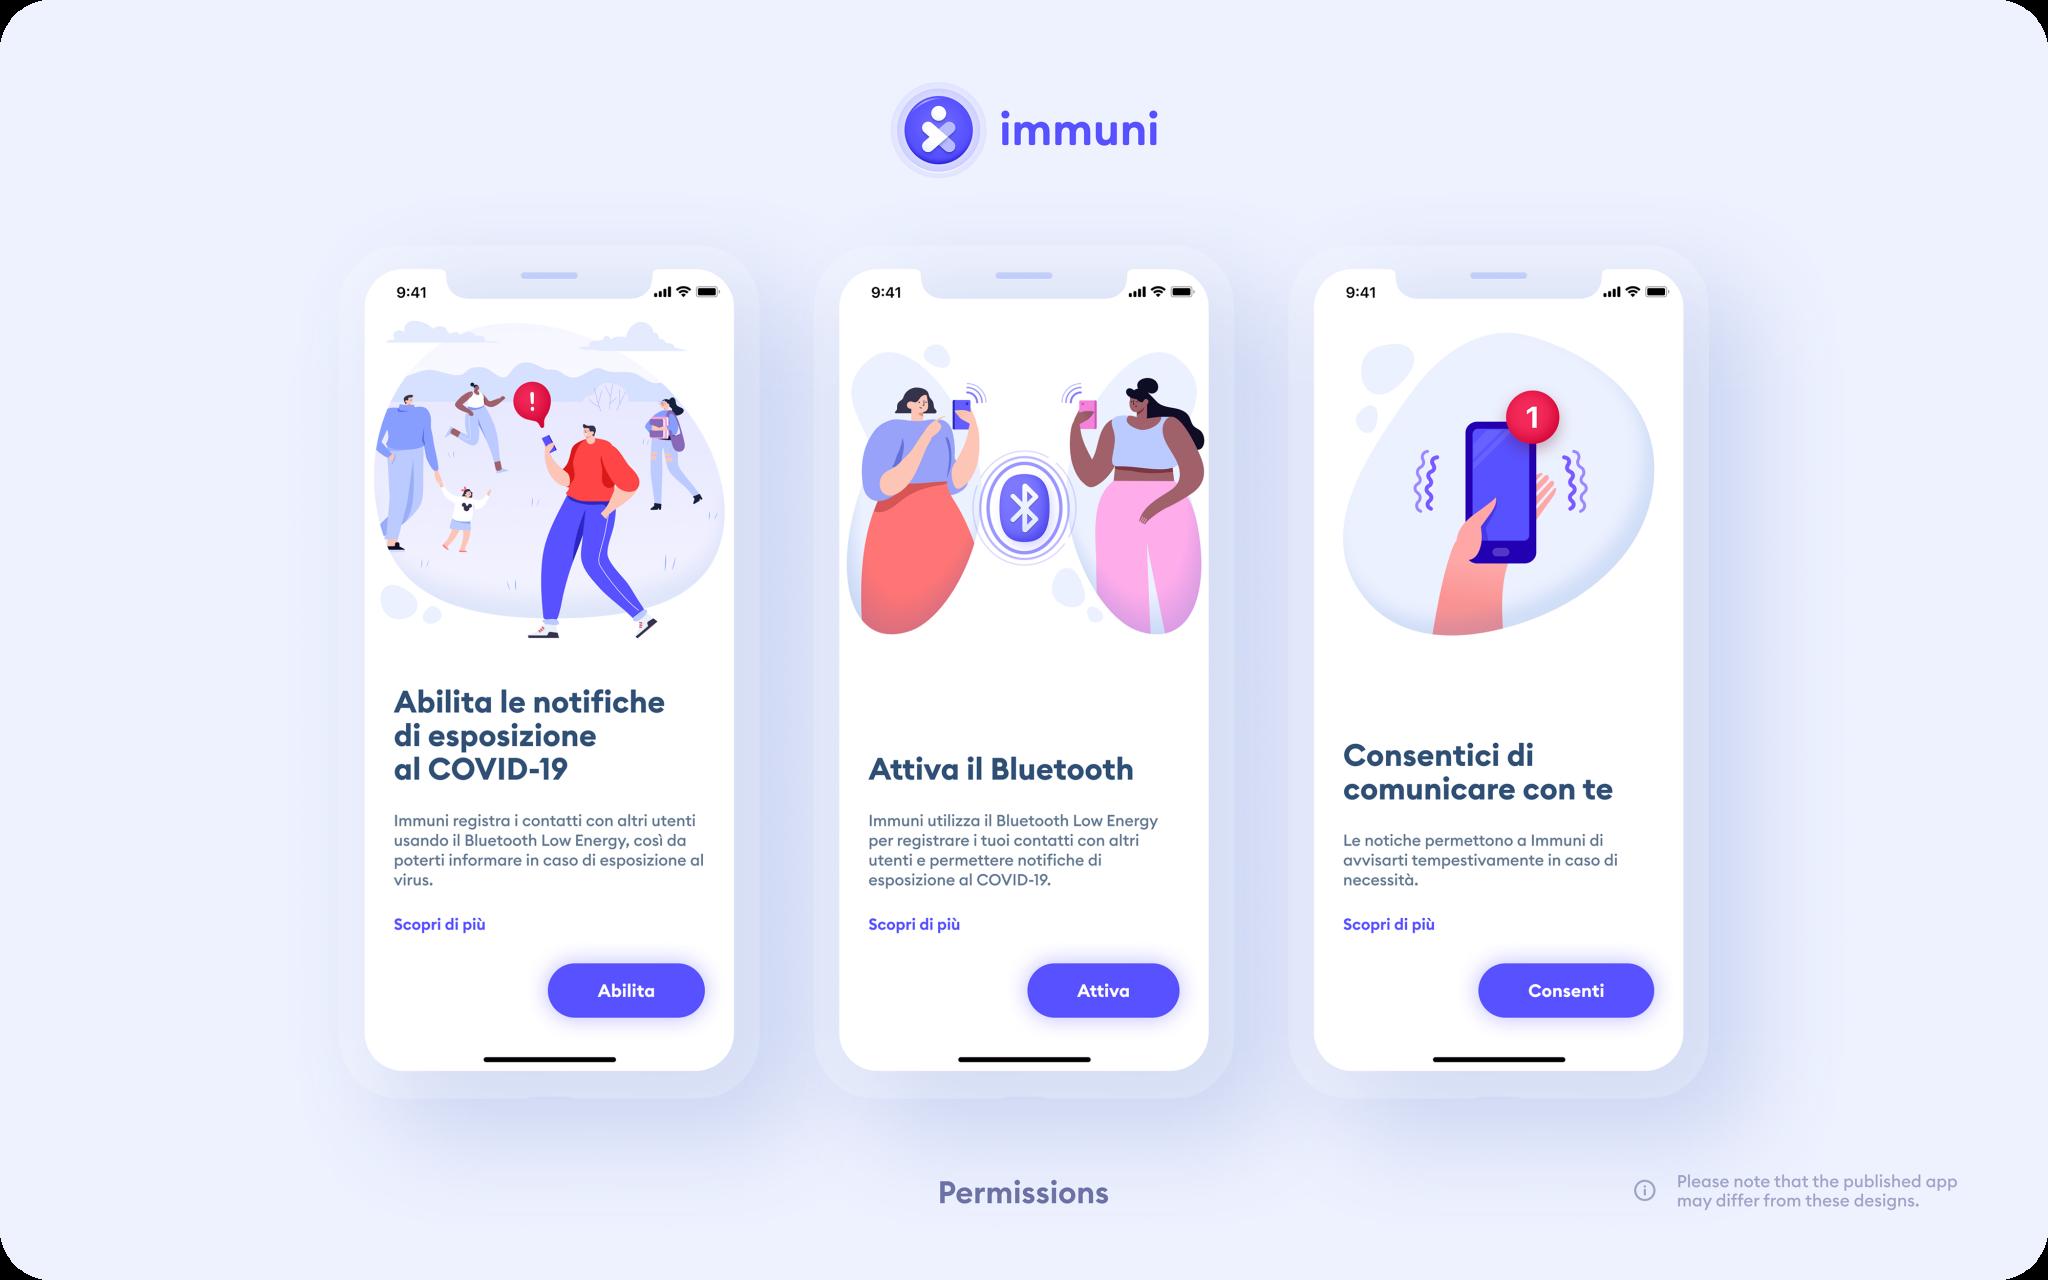 I permessi richiesti dall'app Immuni, che aiuterà a tracciare l'infezione da COVID, al centro di numerosi dubbi riguardo alla privacy degli utenti.